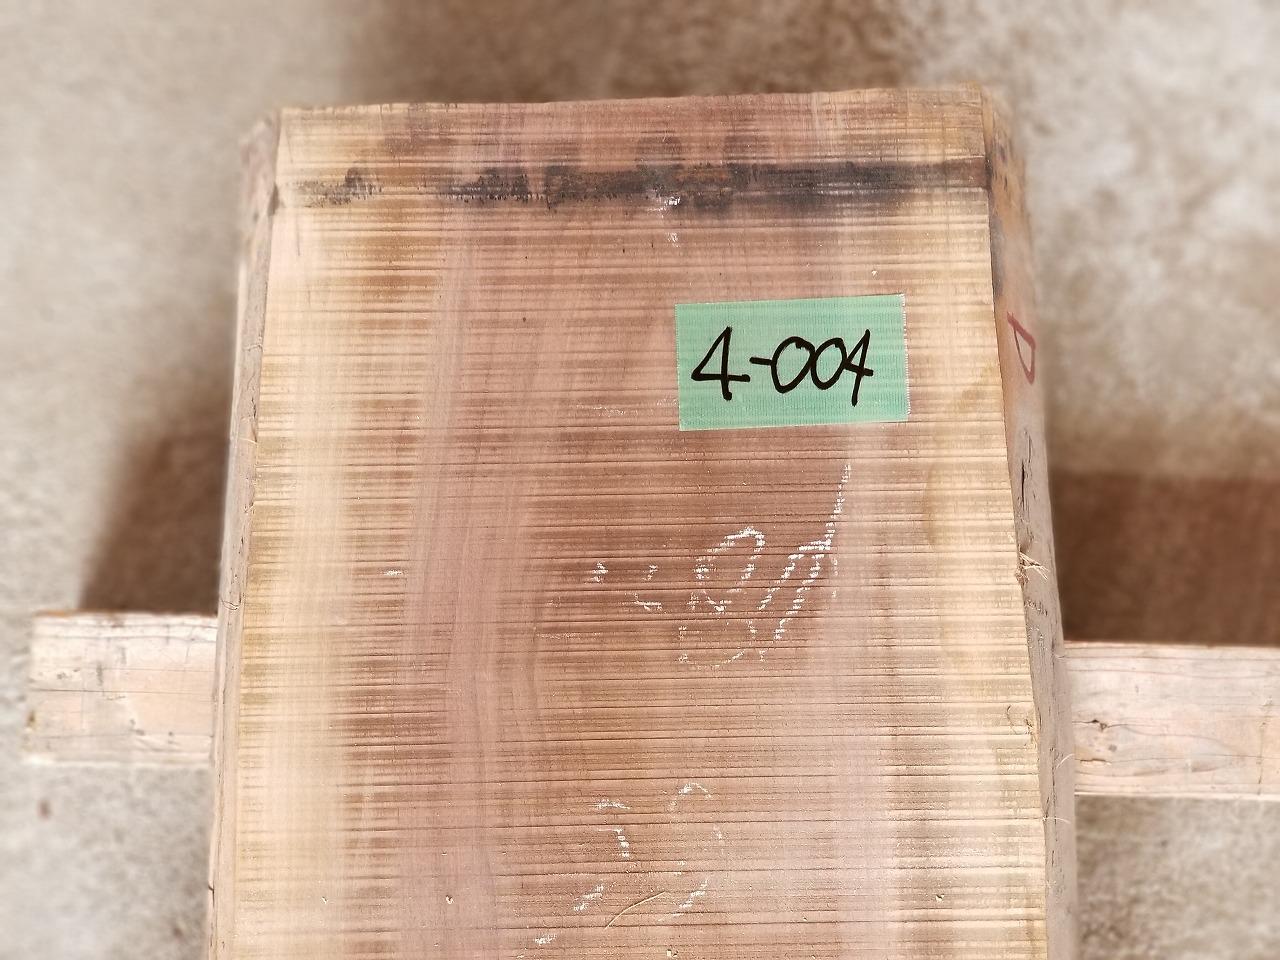 4-004 ウォールナット 一枚板 戸山家具製作所 (海老名市)